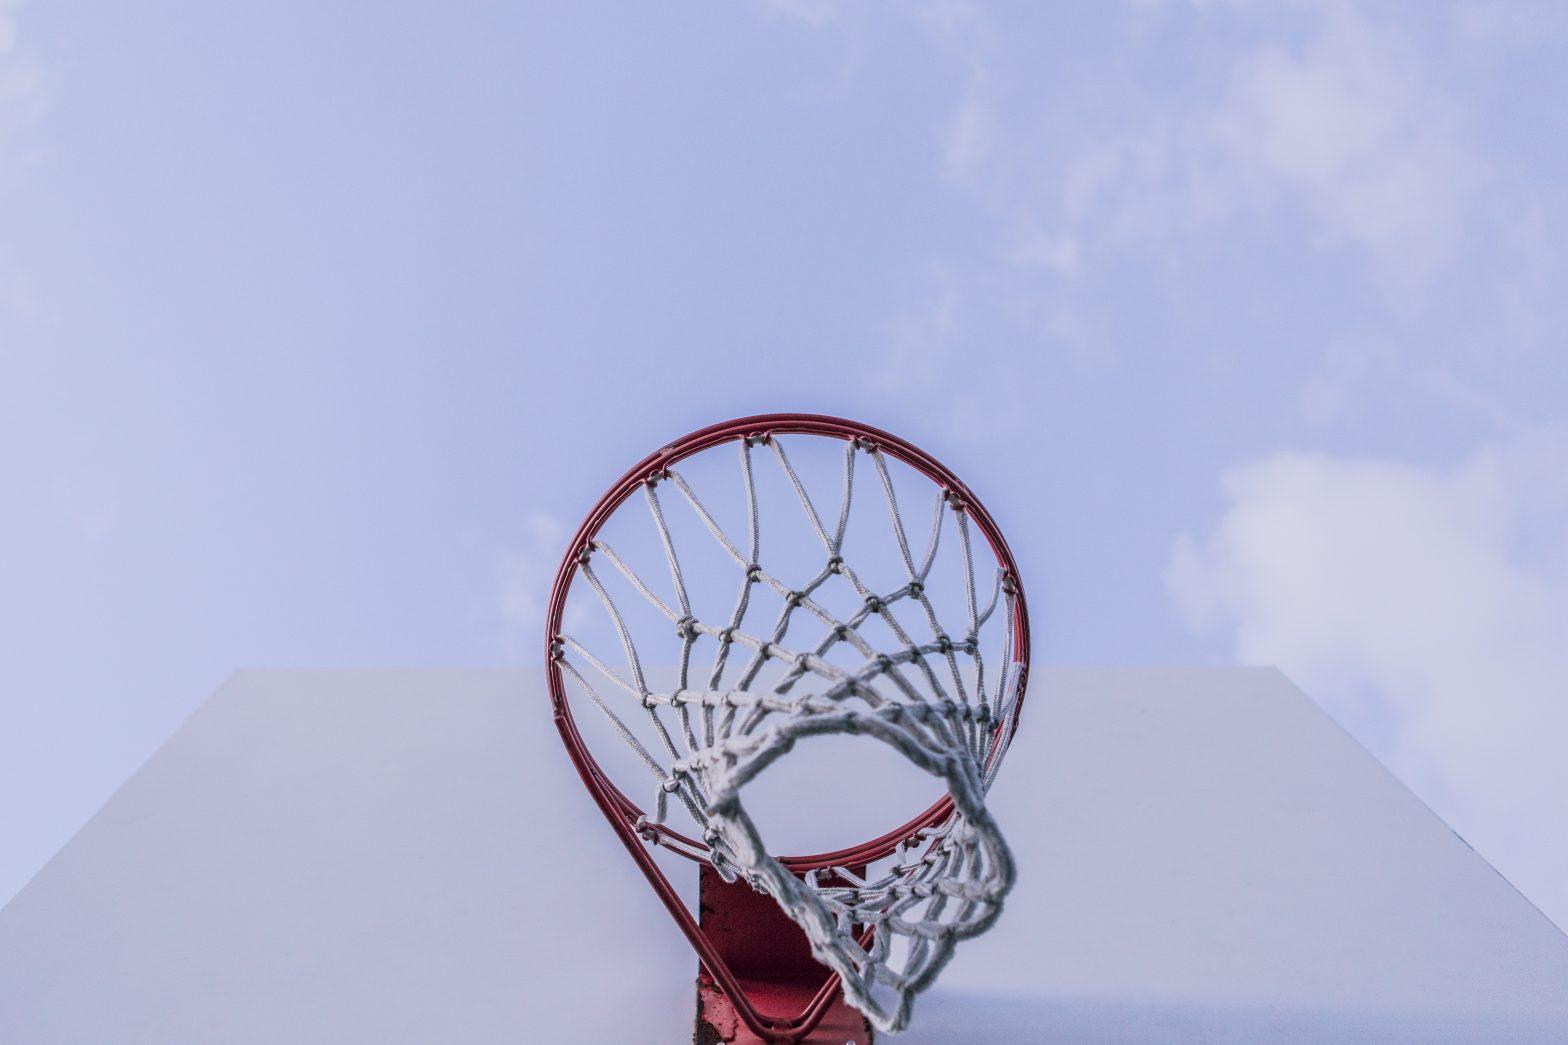 Aim High, basket ball net